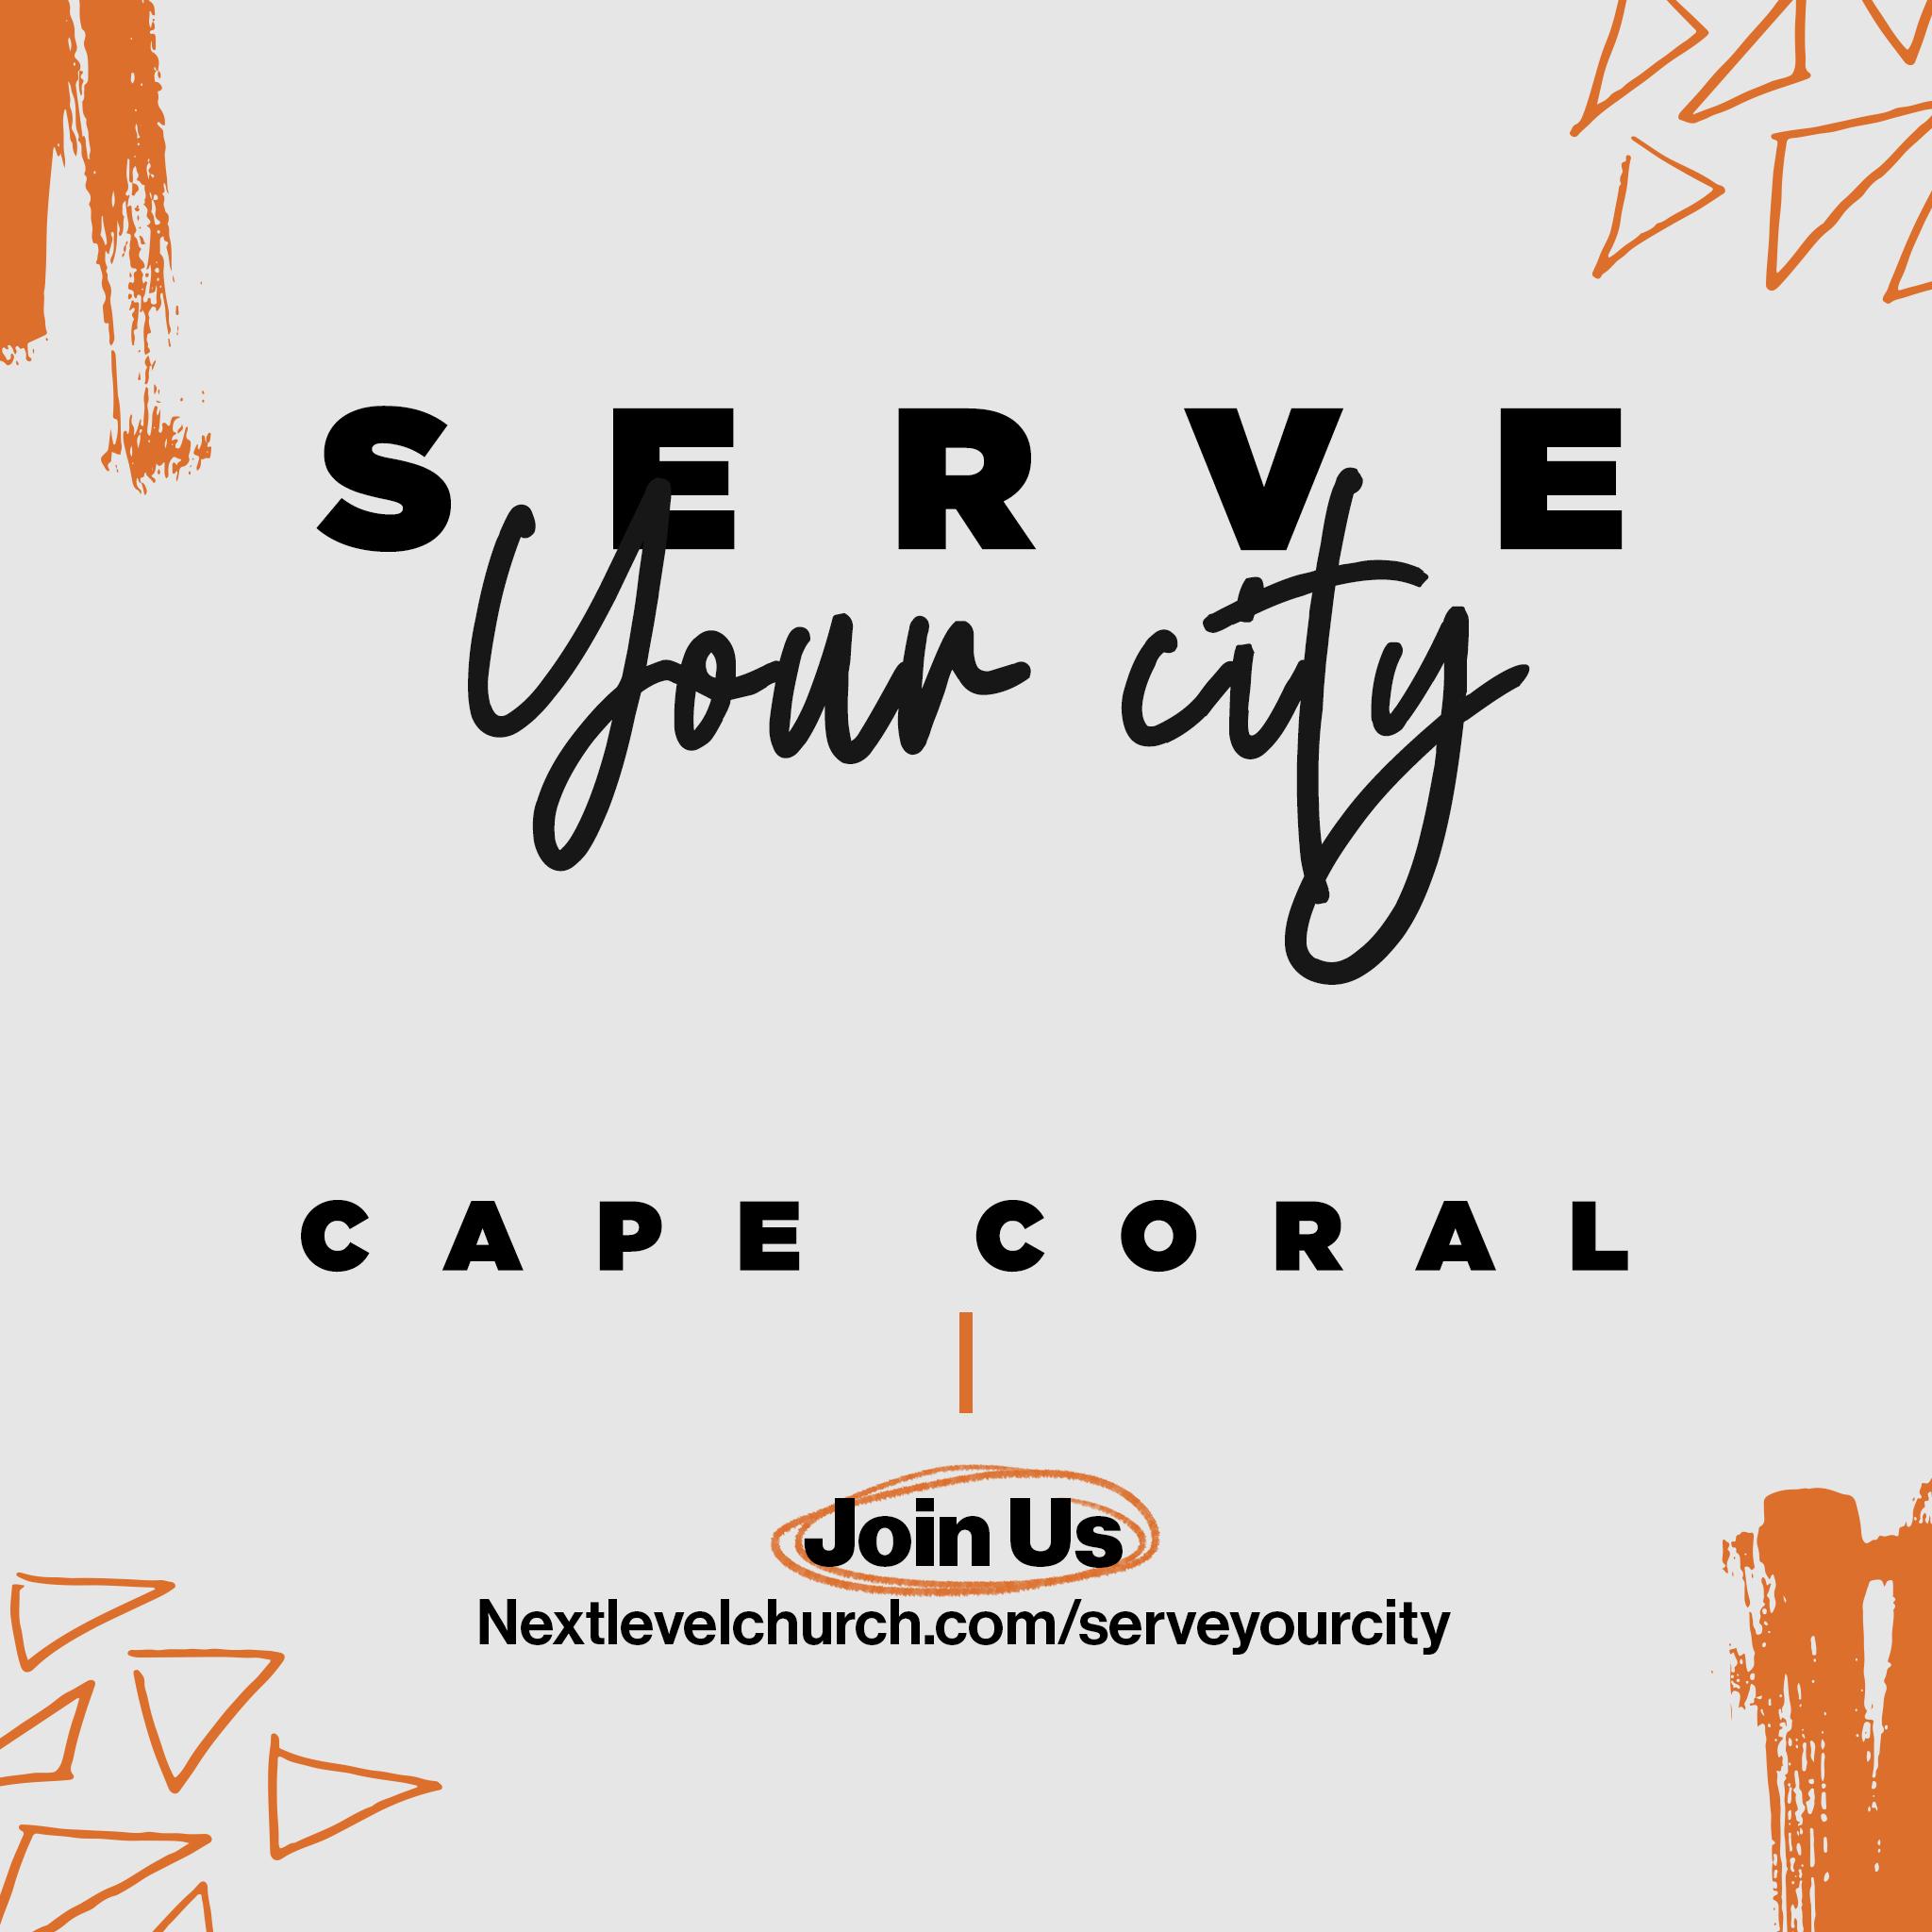 SYC - Square Cape Coral